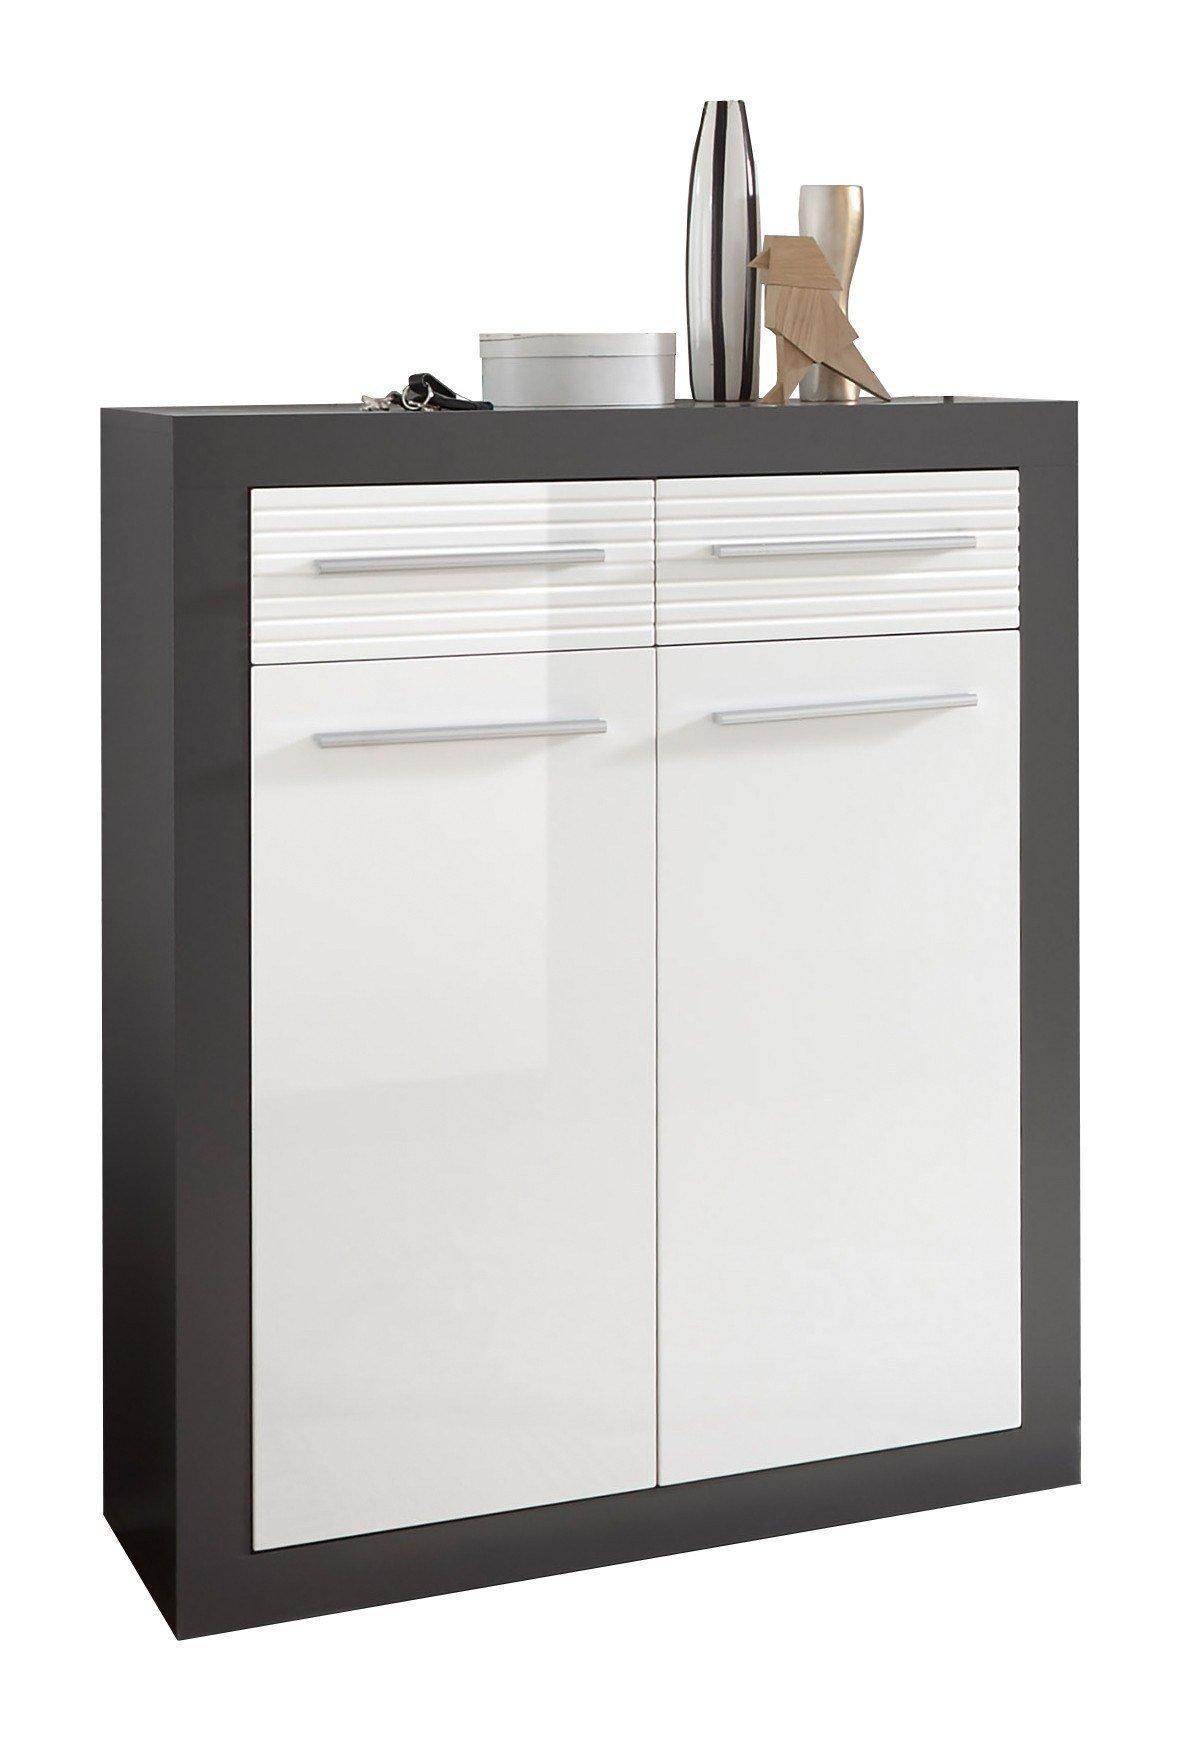 first look schuhschrank kolibri grau m bel letz ihr. Black Bedroom Furniture Sets. Home Design Ideas